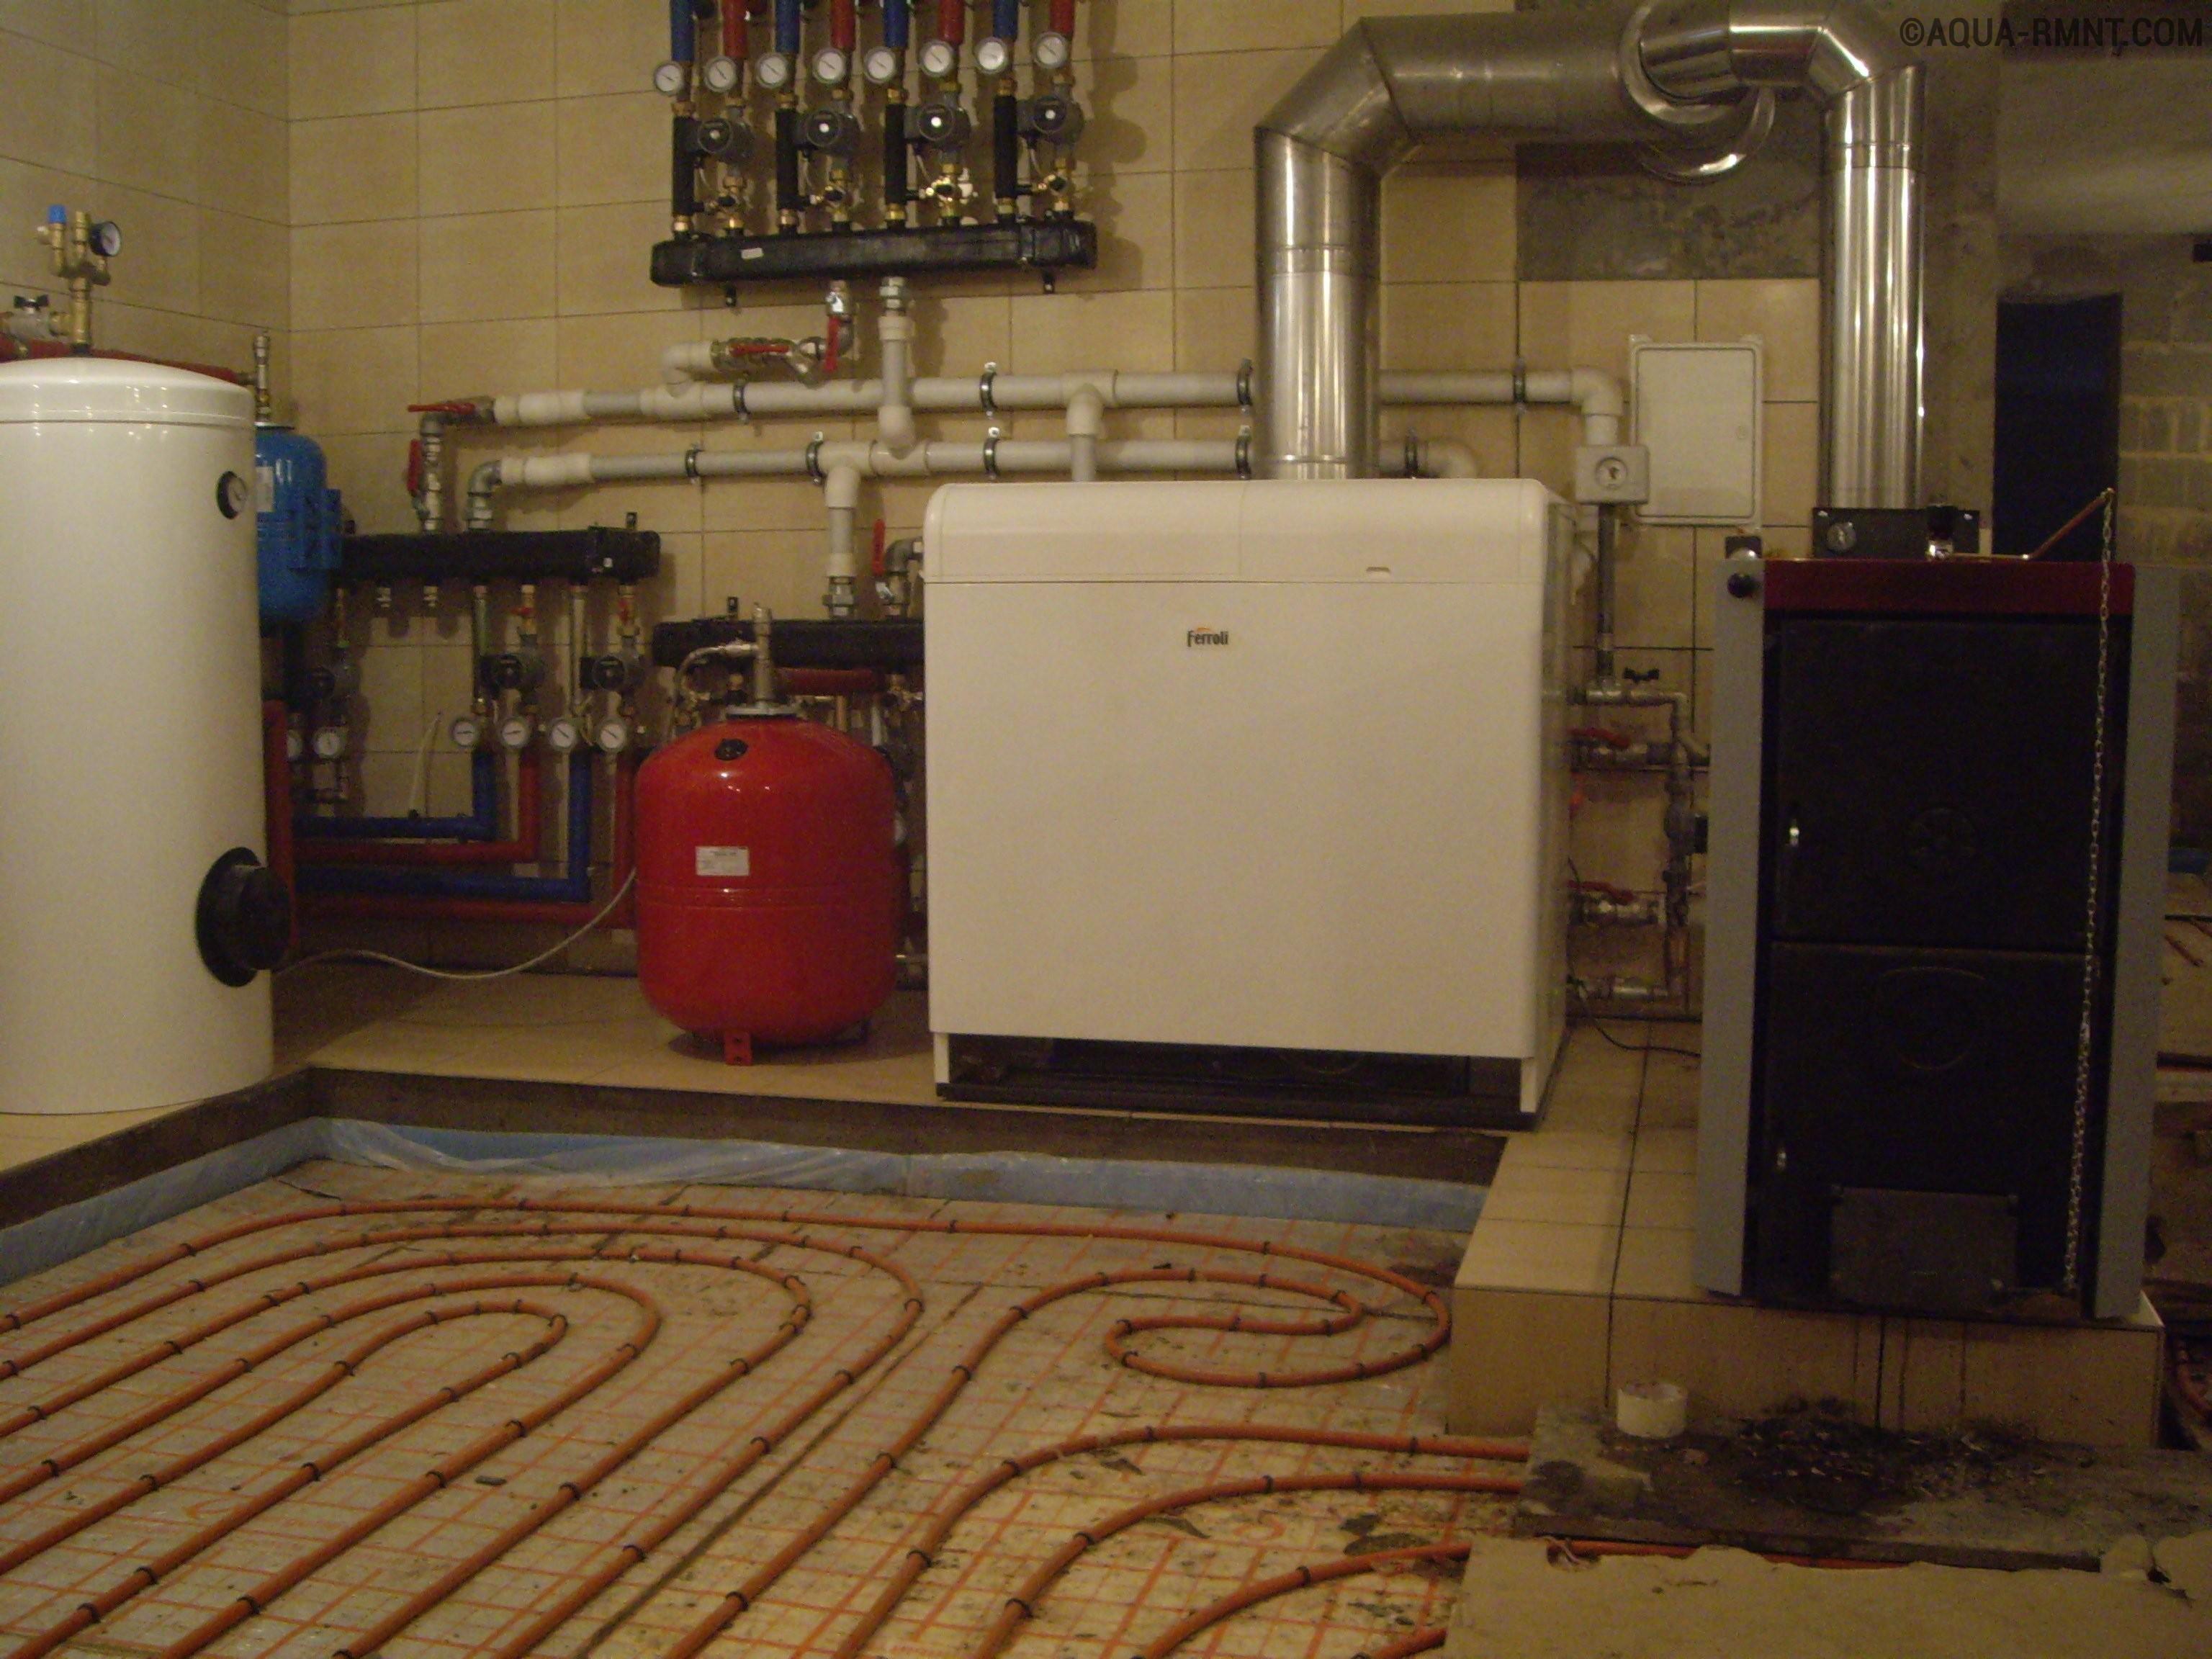 Простая схема подключения бойлера косвенного нагрева, контура отопления и контура тёплых полов к отопительному котлу